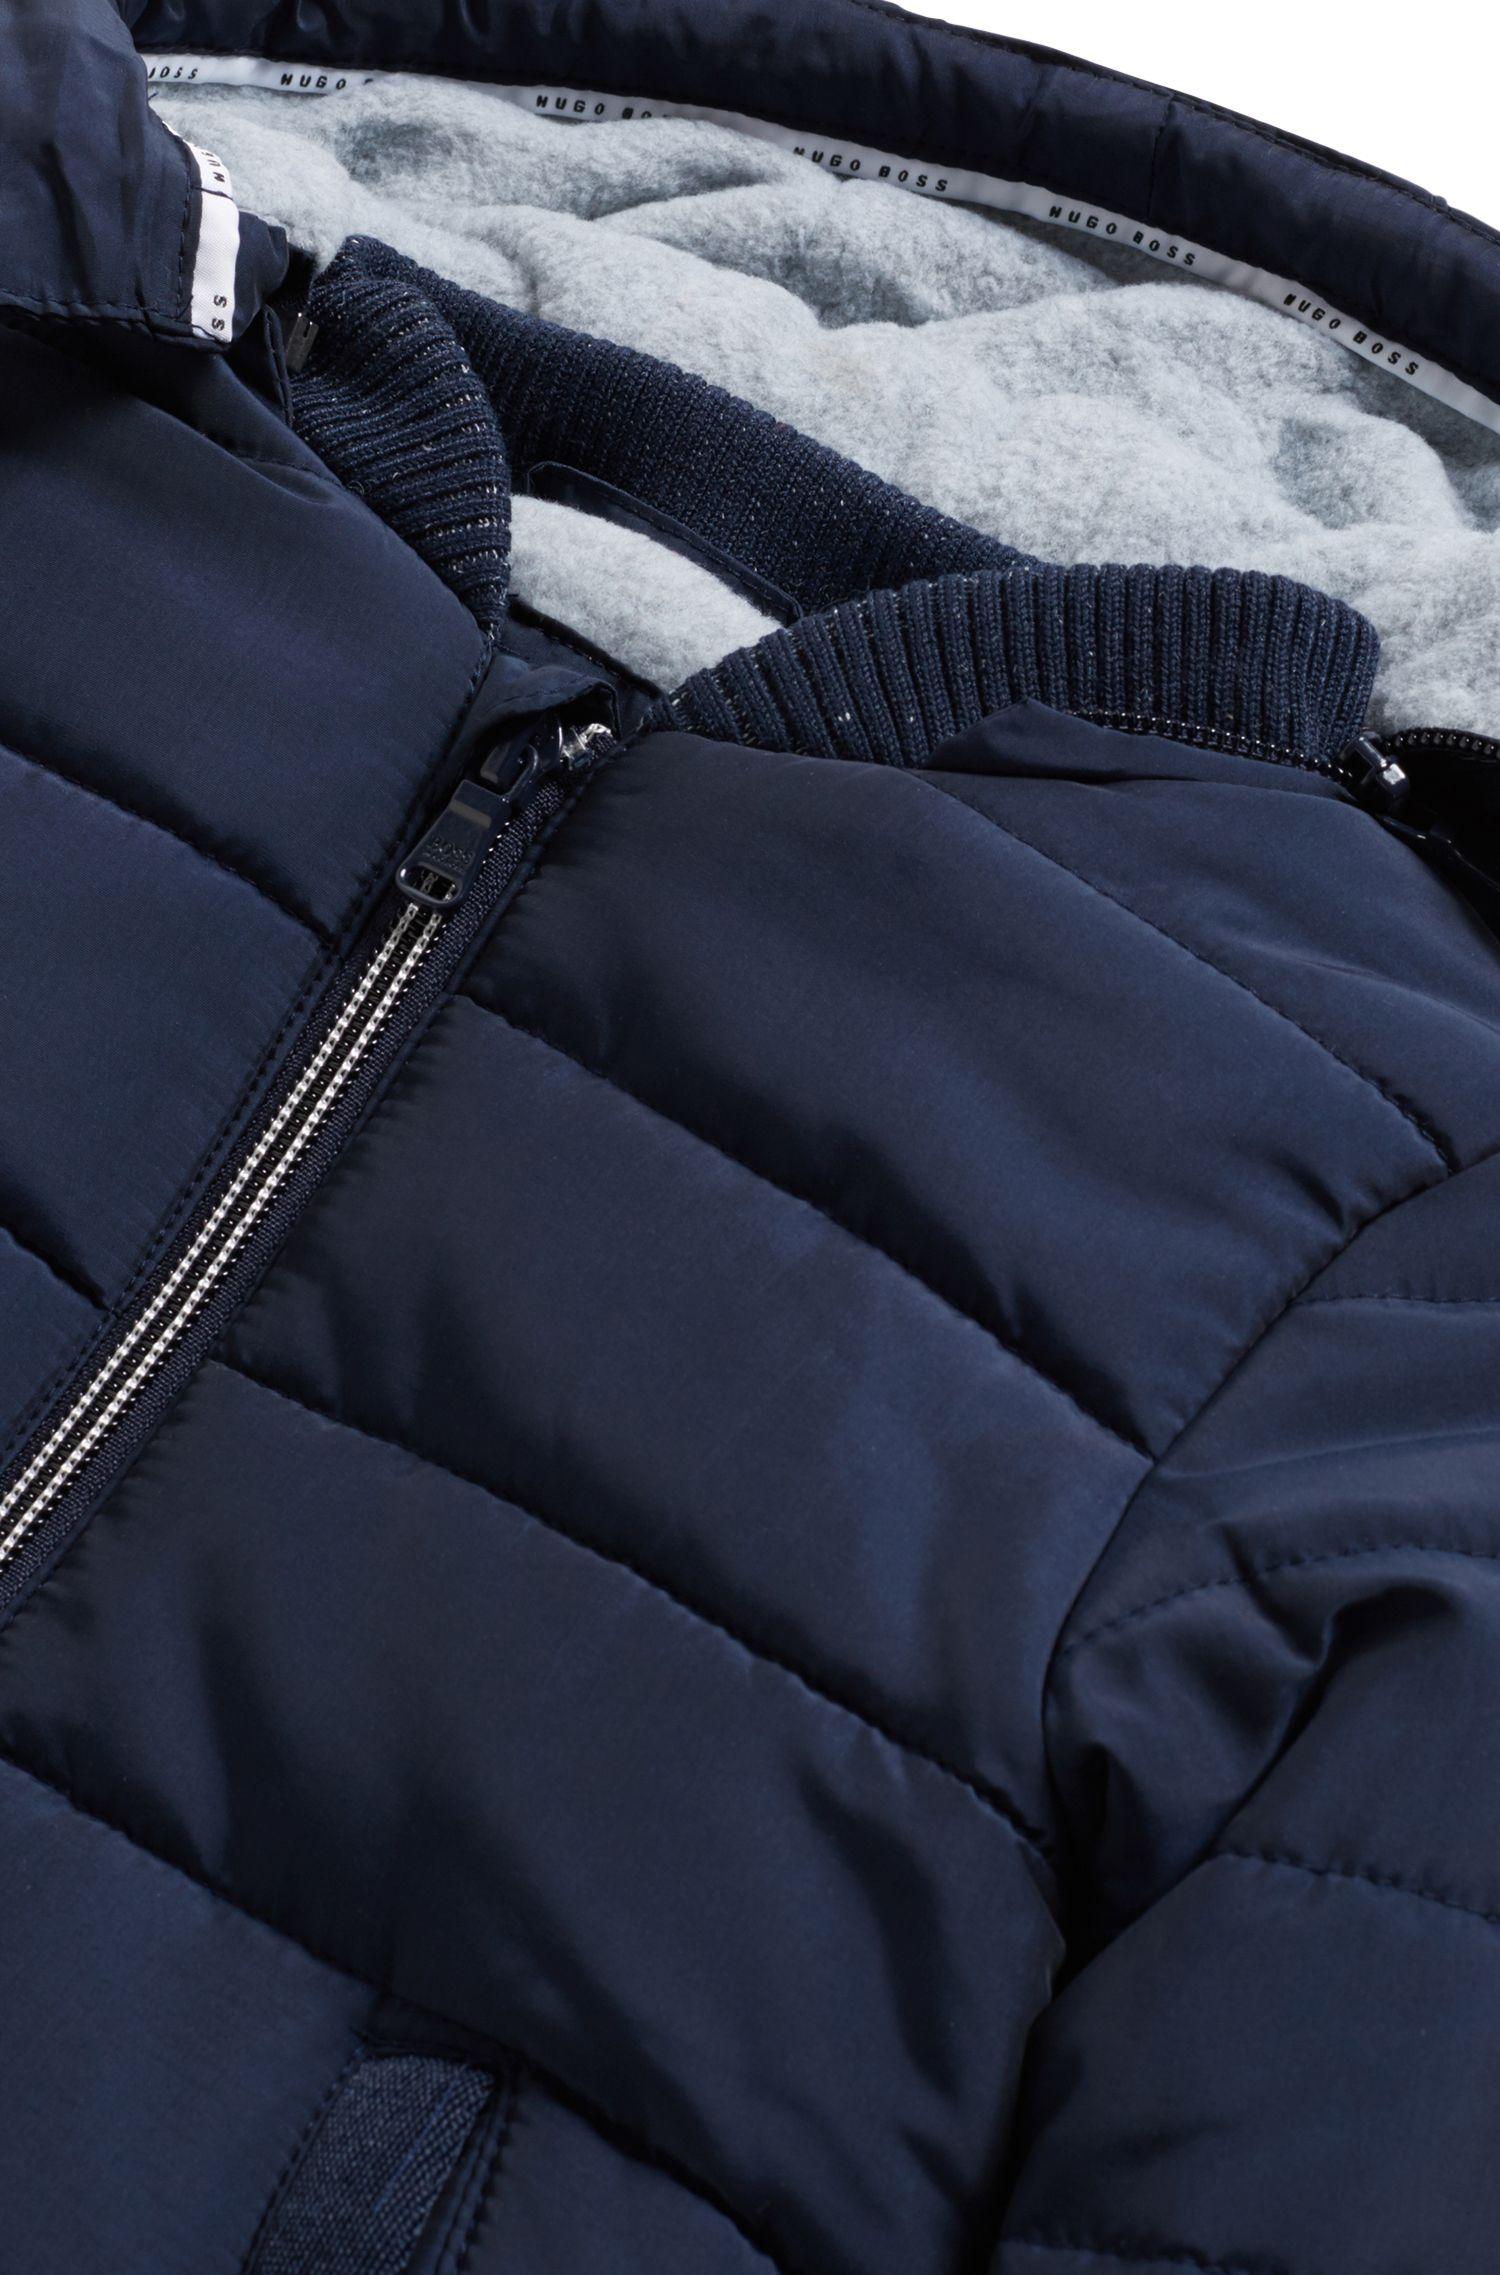 Cazadora acolchada regular fit para niños con capucha desmontable, Azul oscuro